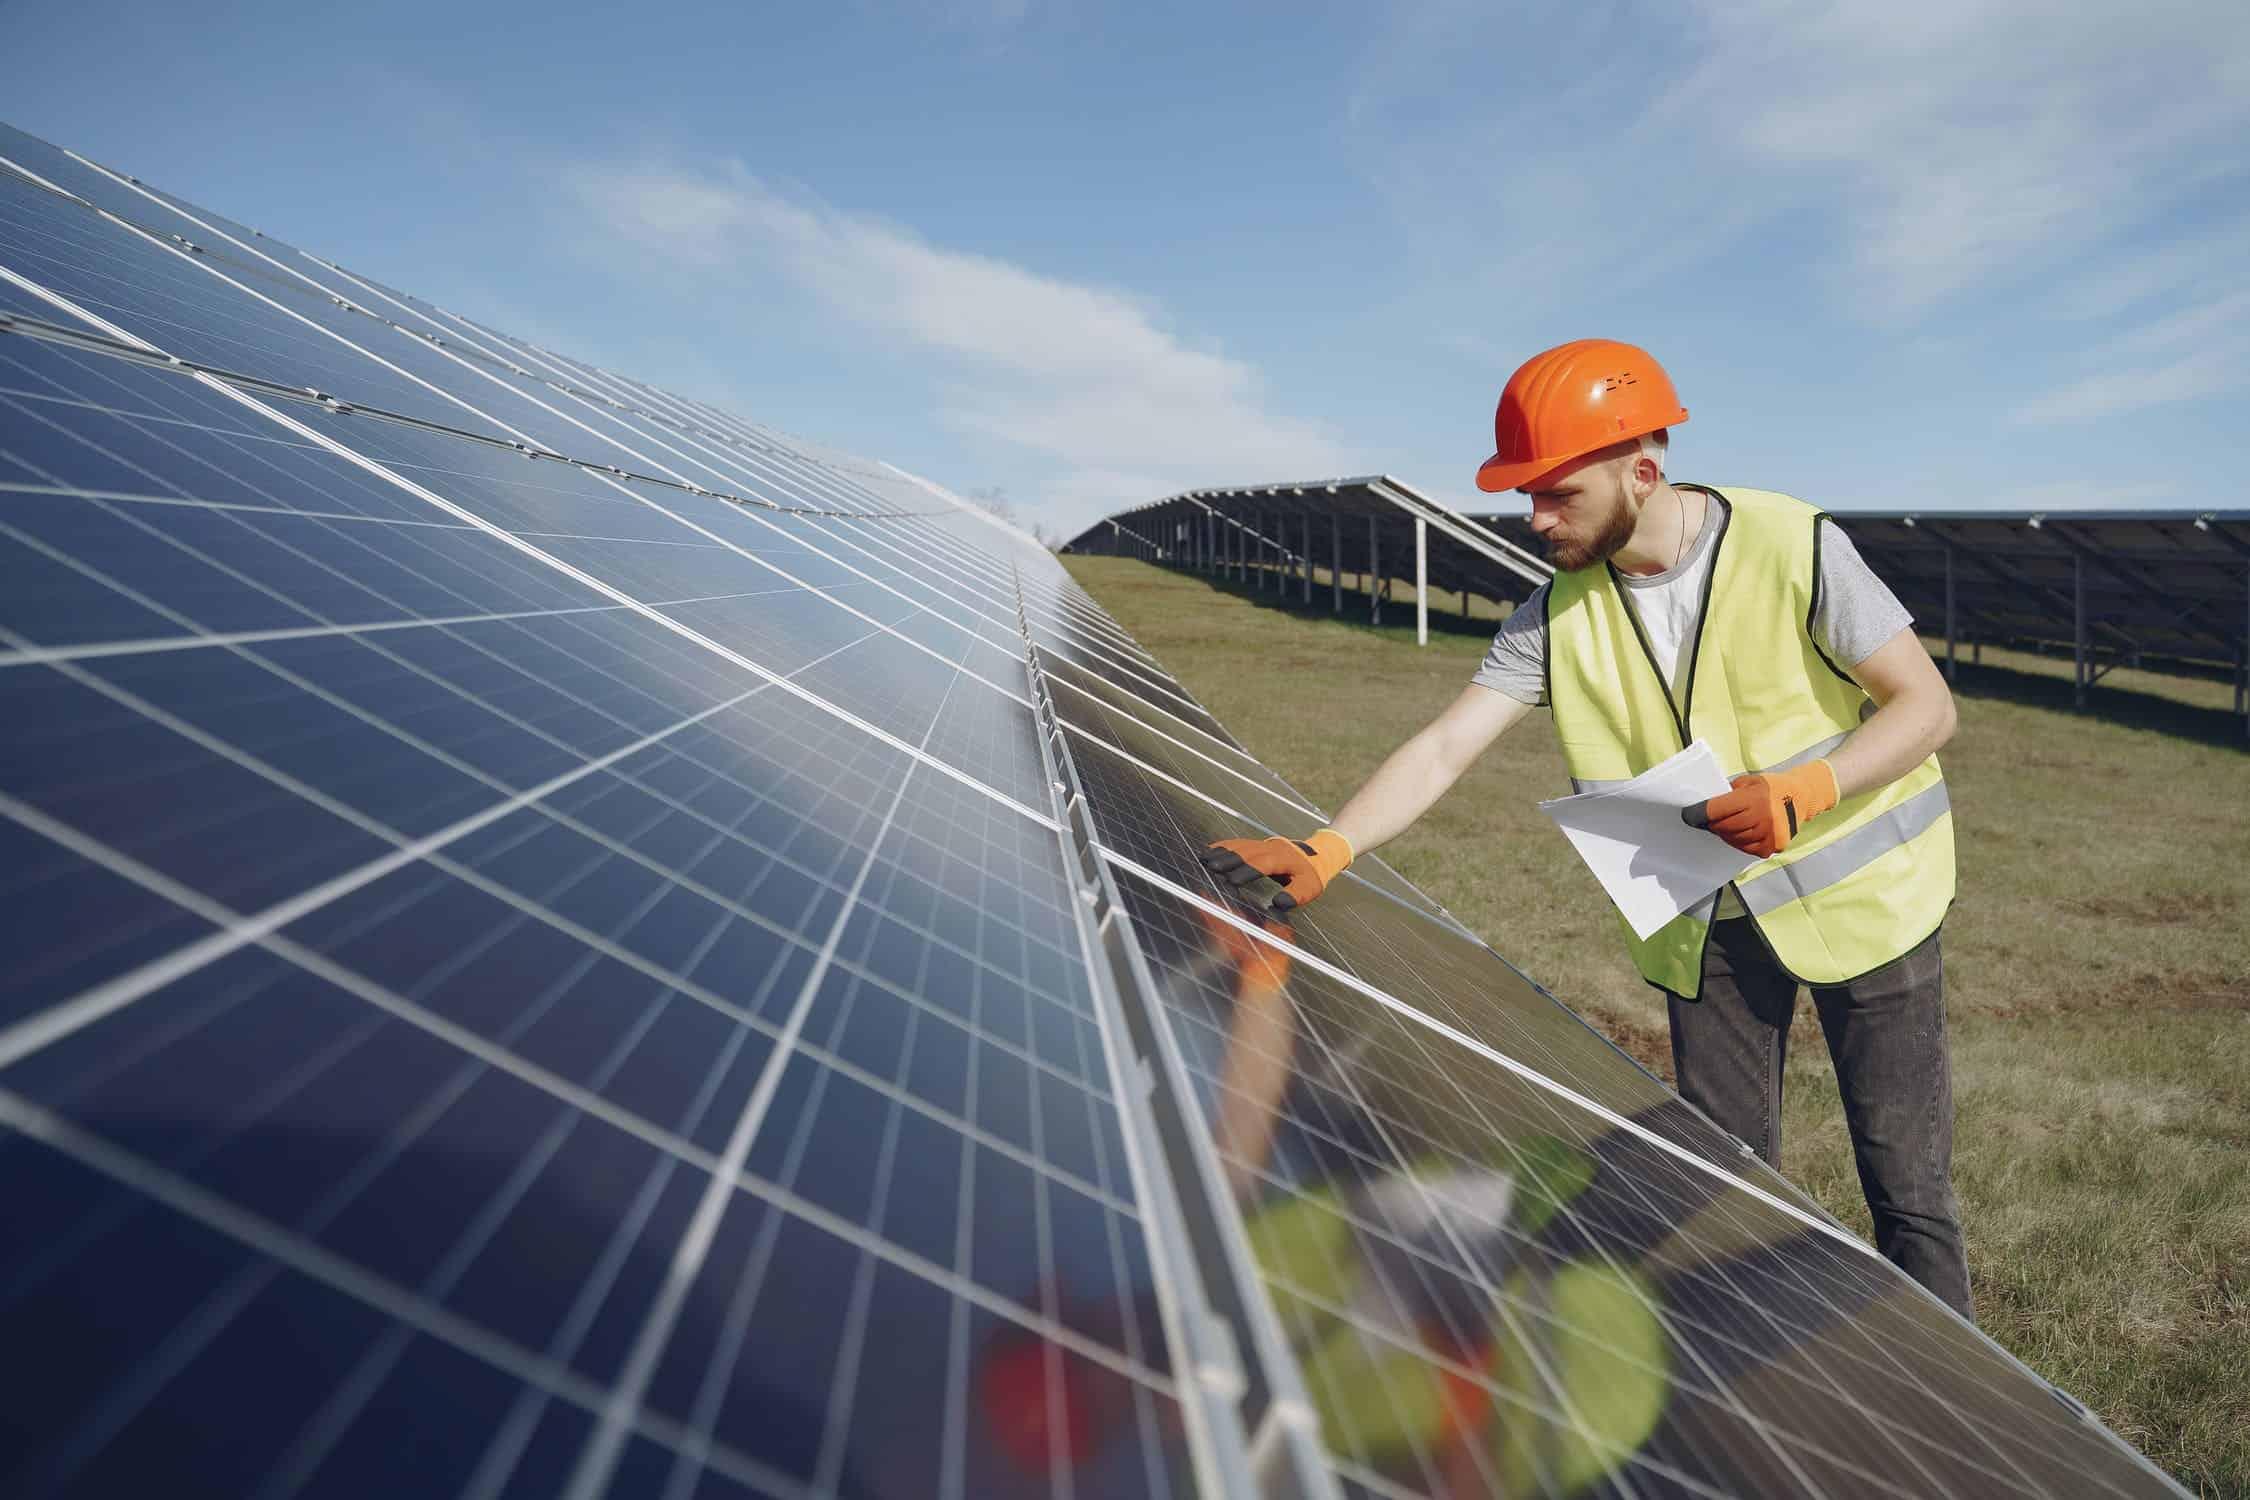 Soluciones de energía renovable